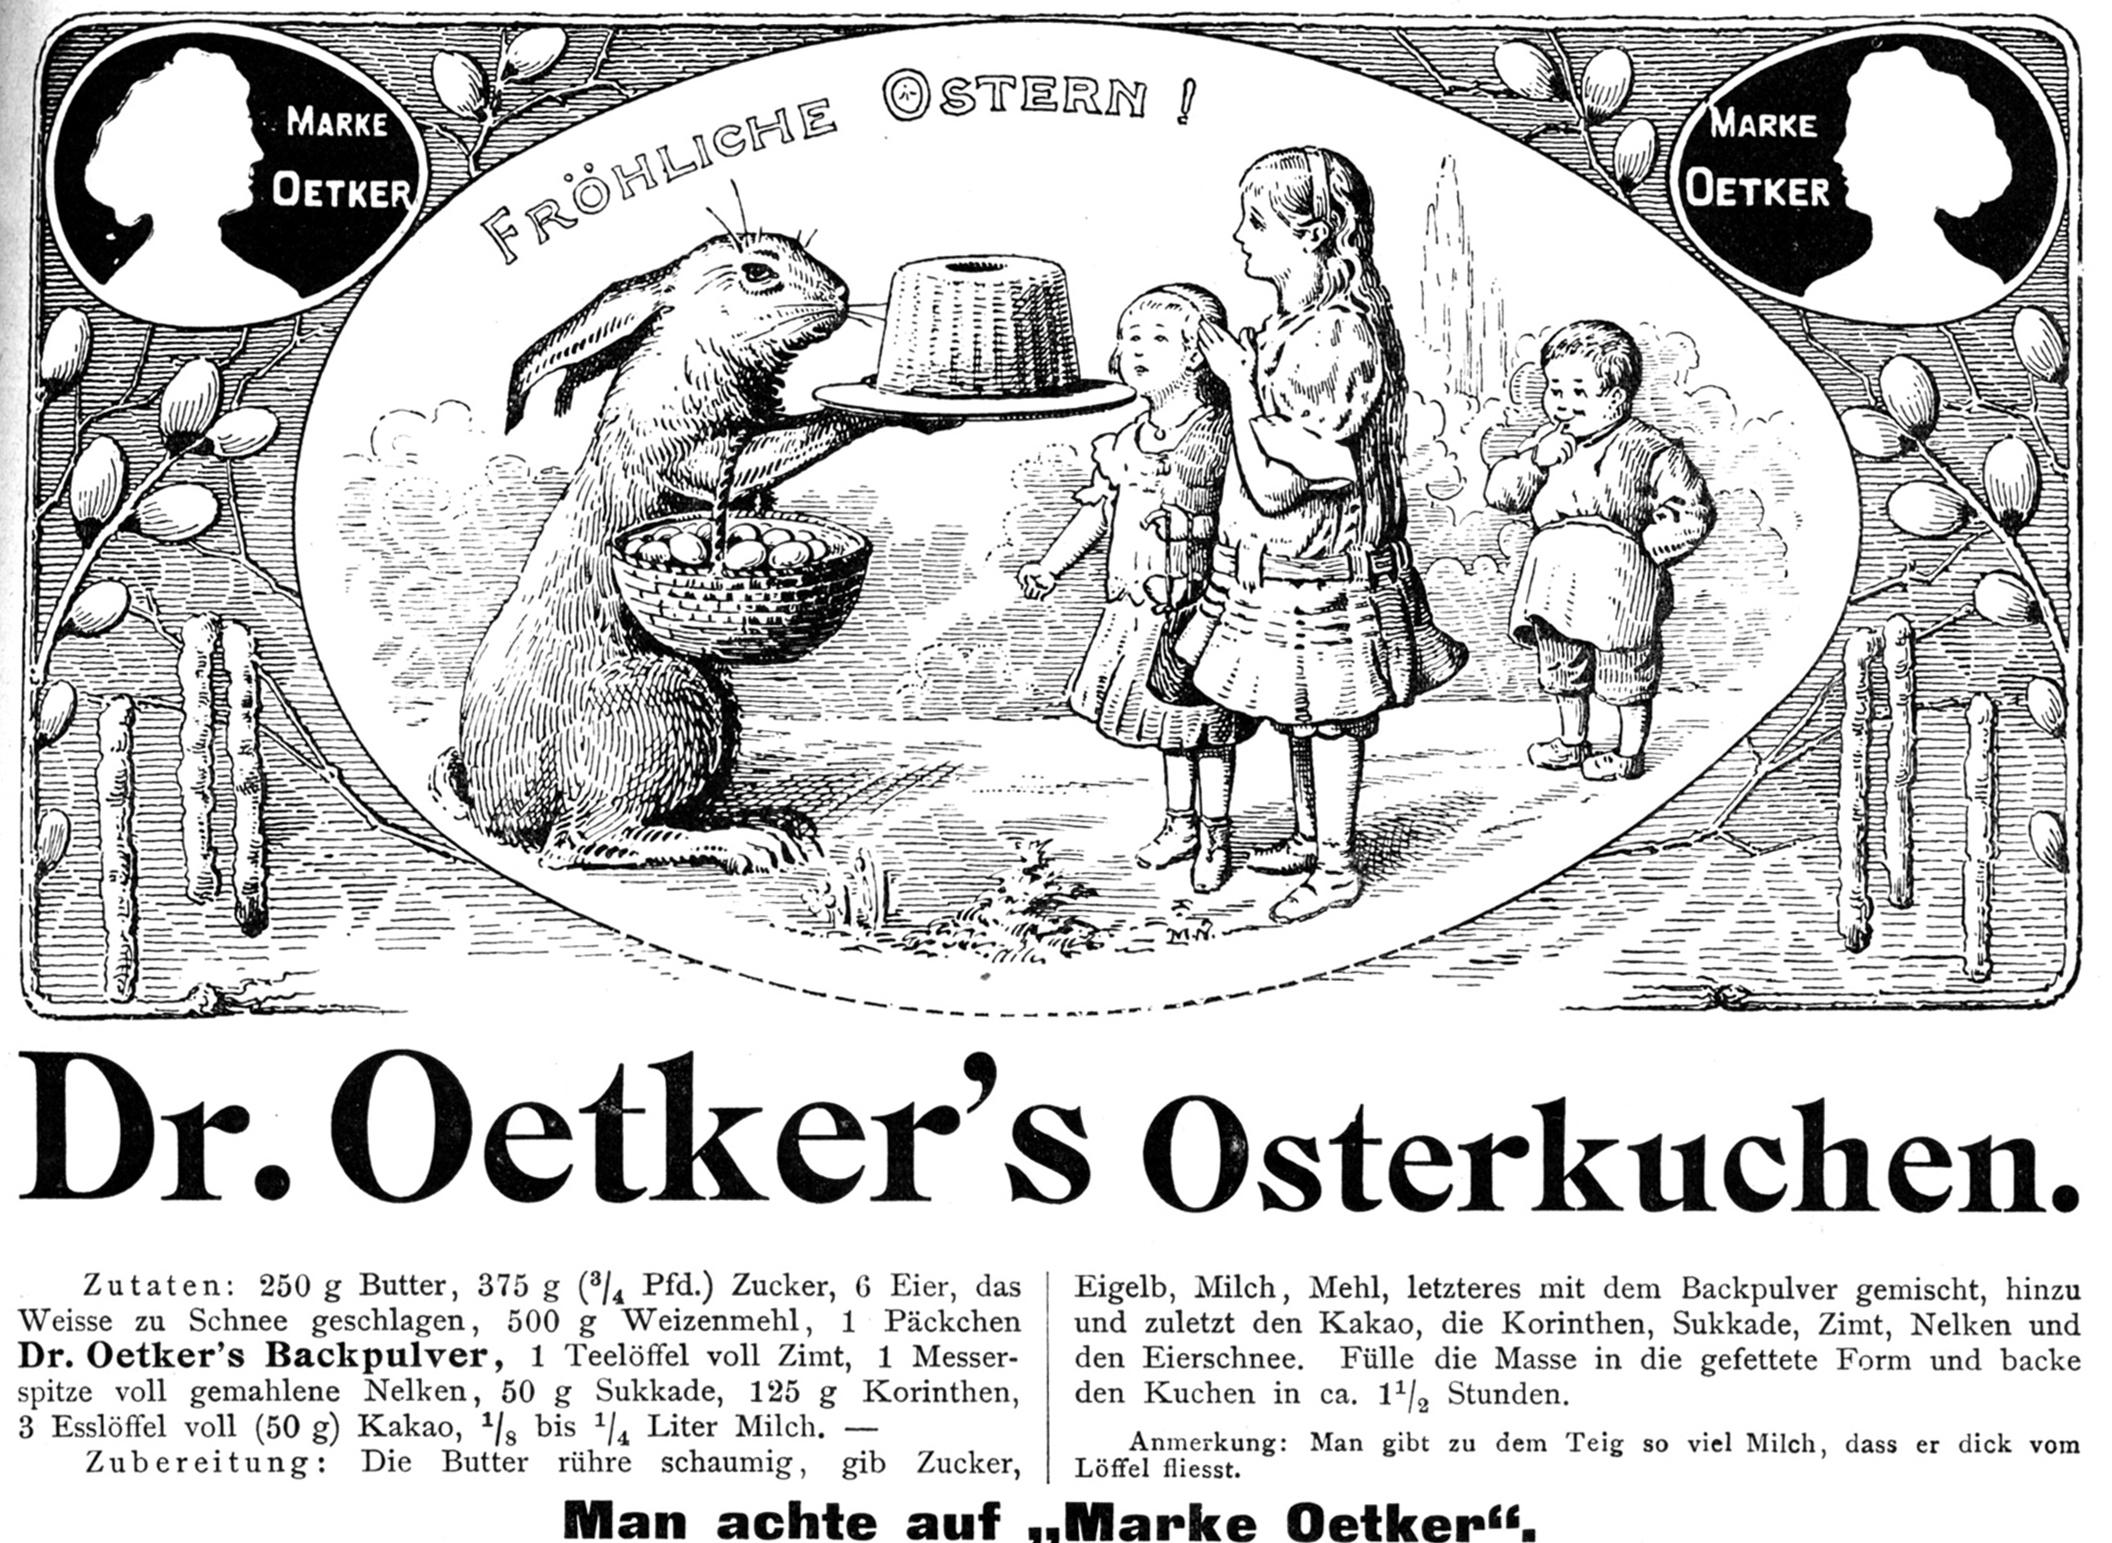 daheim-hnr.27_09-s.33-ostern-werbung-dr.-oetker